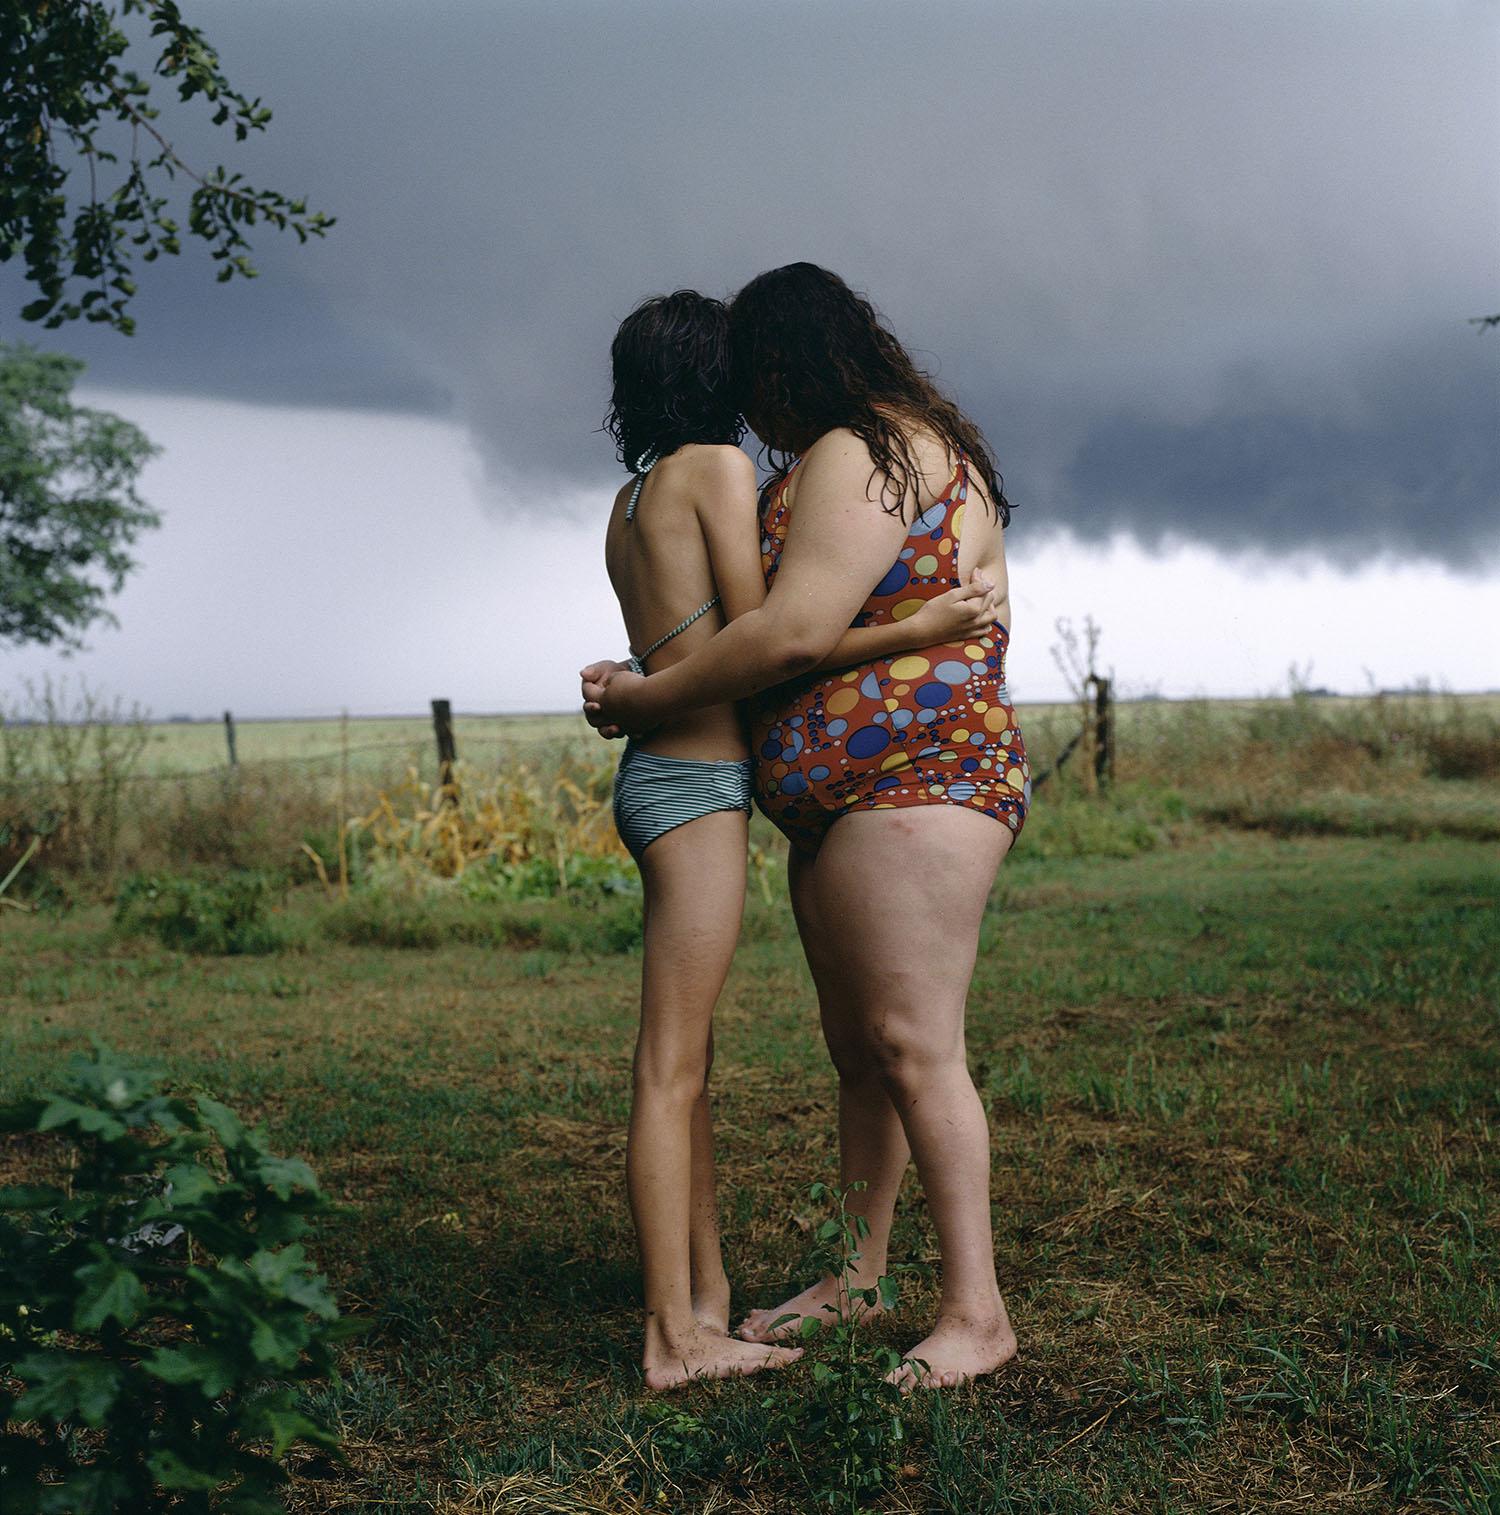 Alessandra Sanguinetti,  The Black Cloud , 2000. © Alessandra Sanguinetti / Magnum Photos